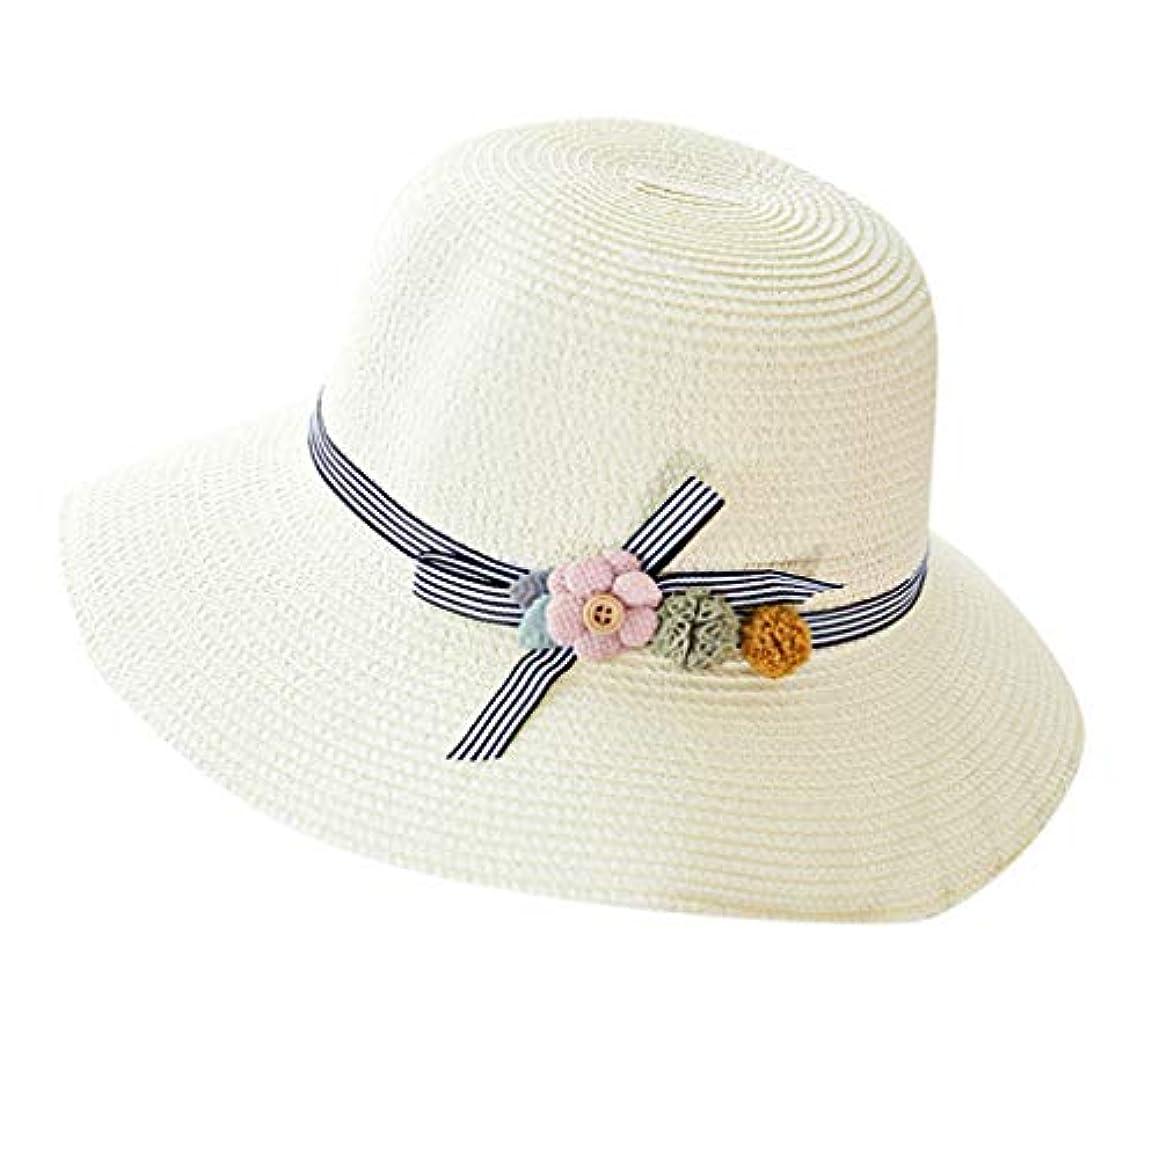 オートマトン簡潔な報酬漁師帽 夏 帽子 レディース UVカット 帽子 ハット レディース 紫外線対策 日焼け防止 つば広 日焼け 旅行用 日よけ 夏季 折りたたみ 森ガール ビーチ 海辺 帽子 ハット レディース 花 ROSE ROMAN